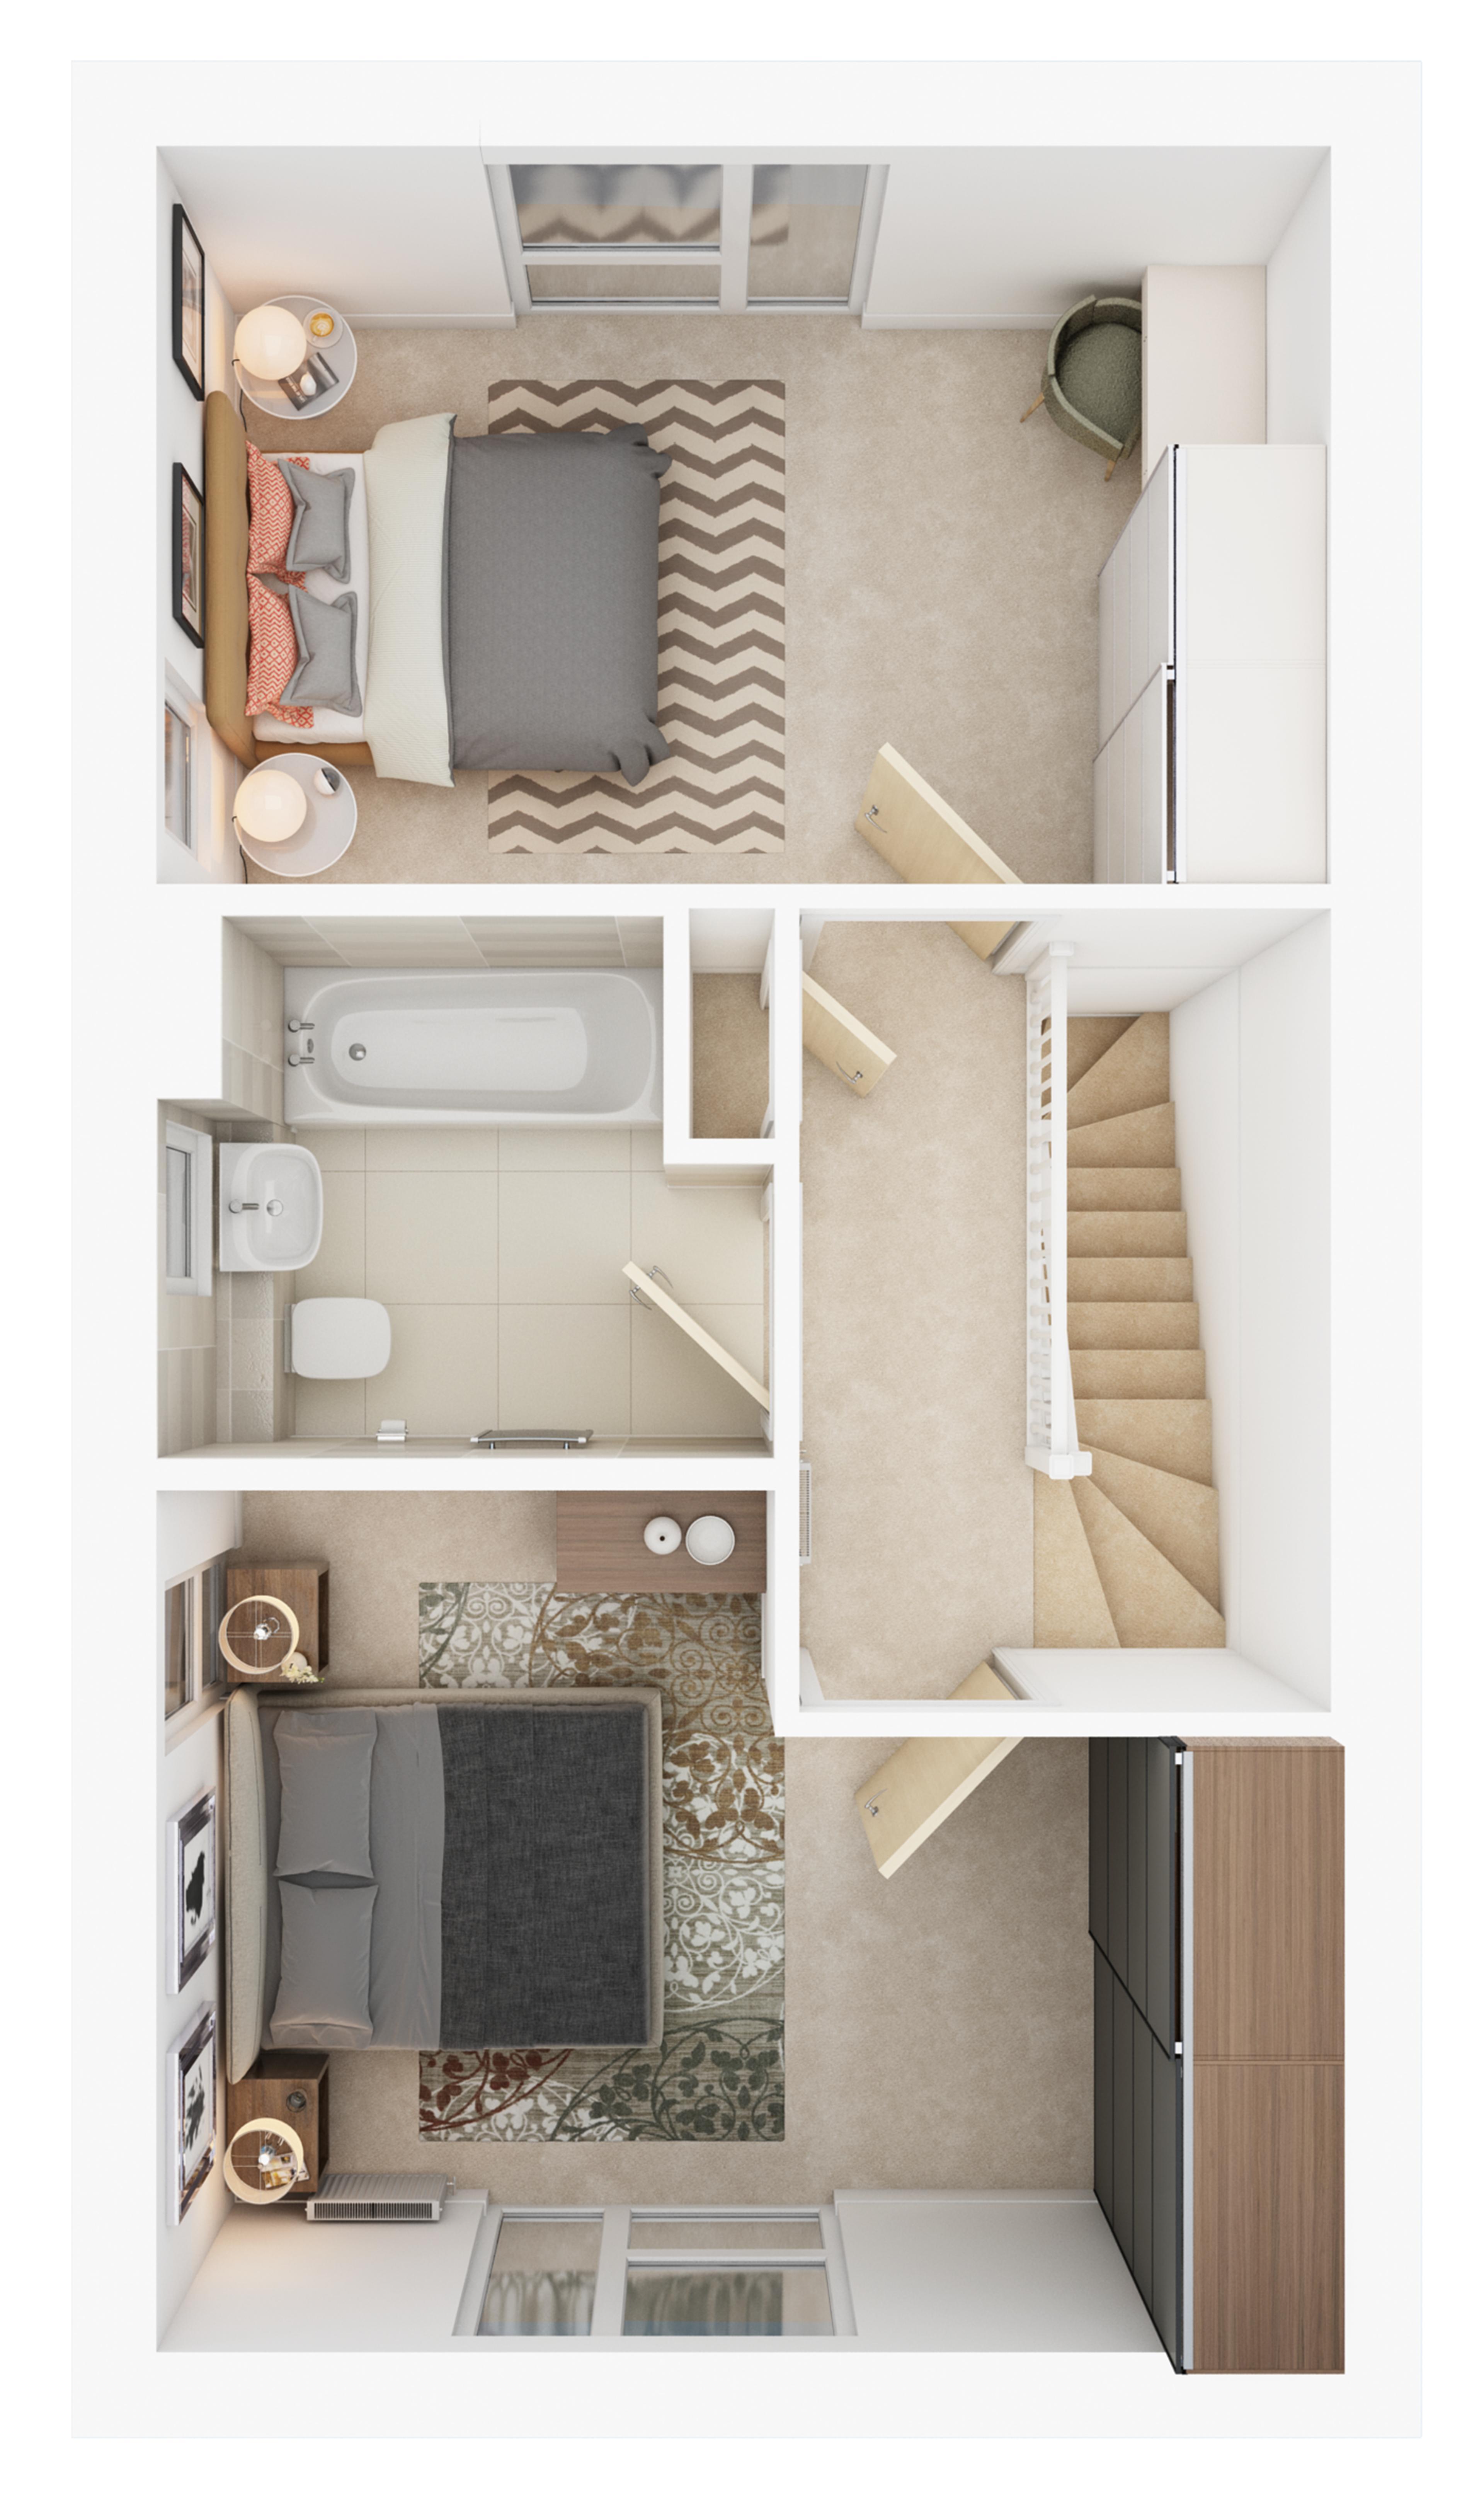 Watling Grange >Byland > First floor